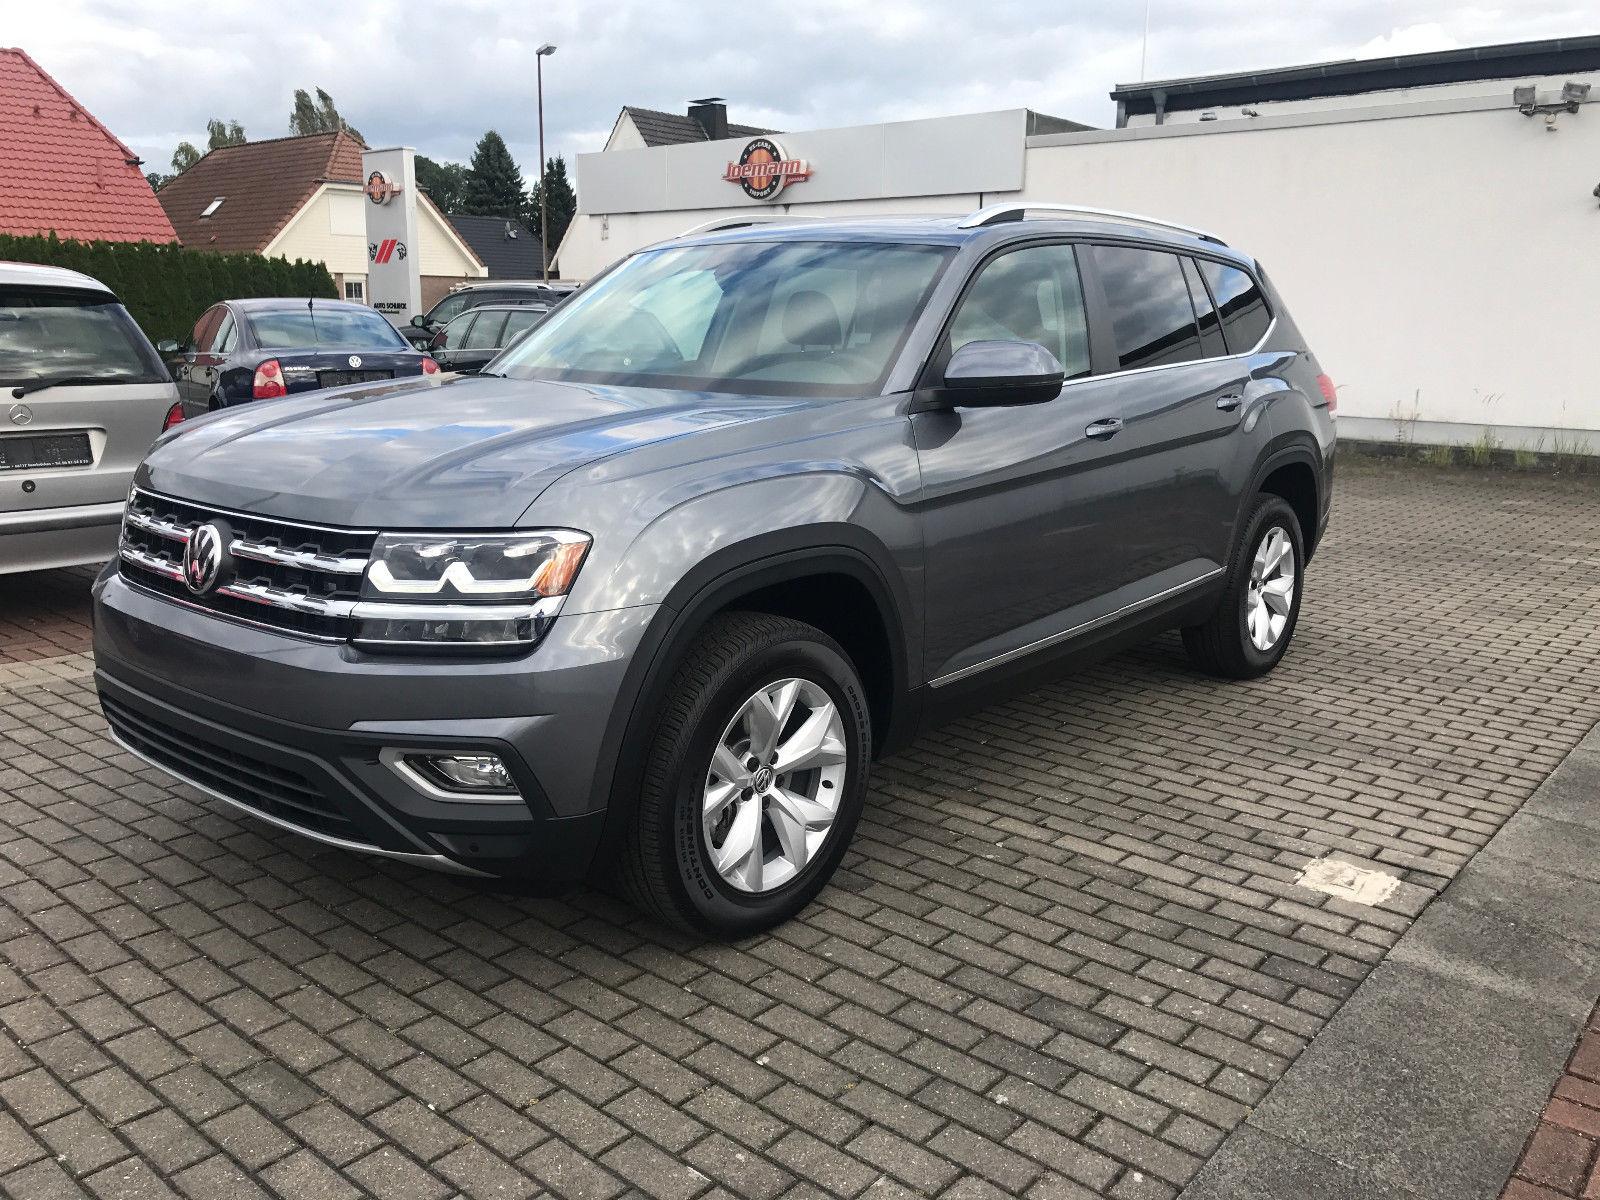 VW Atlas, größter Volkswagen SUV aller Zeiten... - Joemann Motors